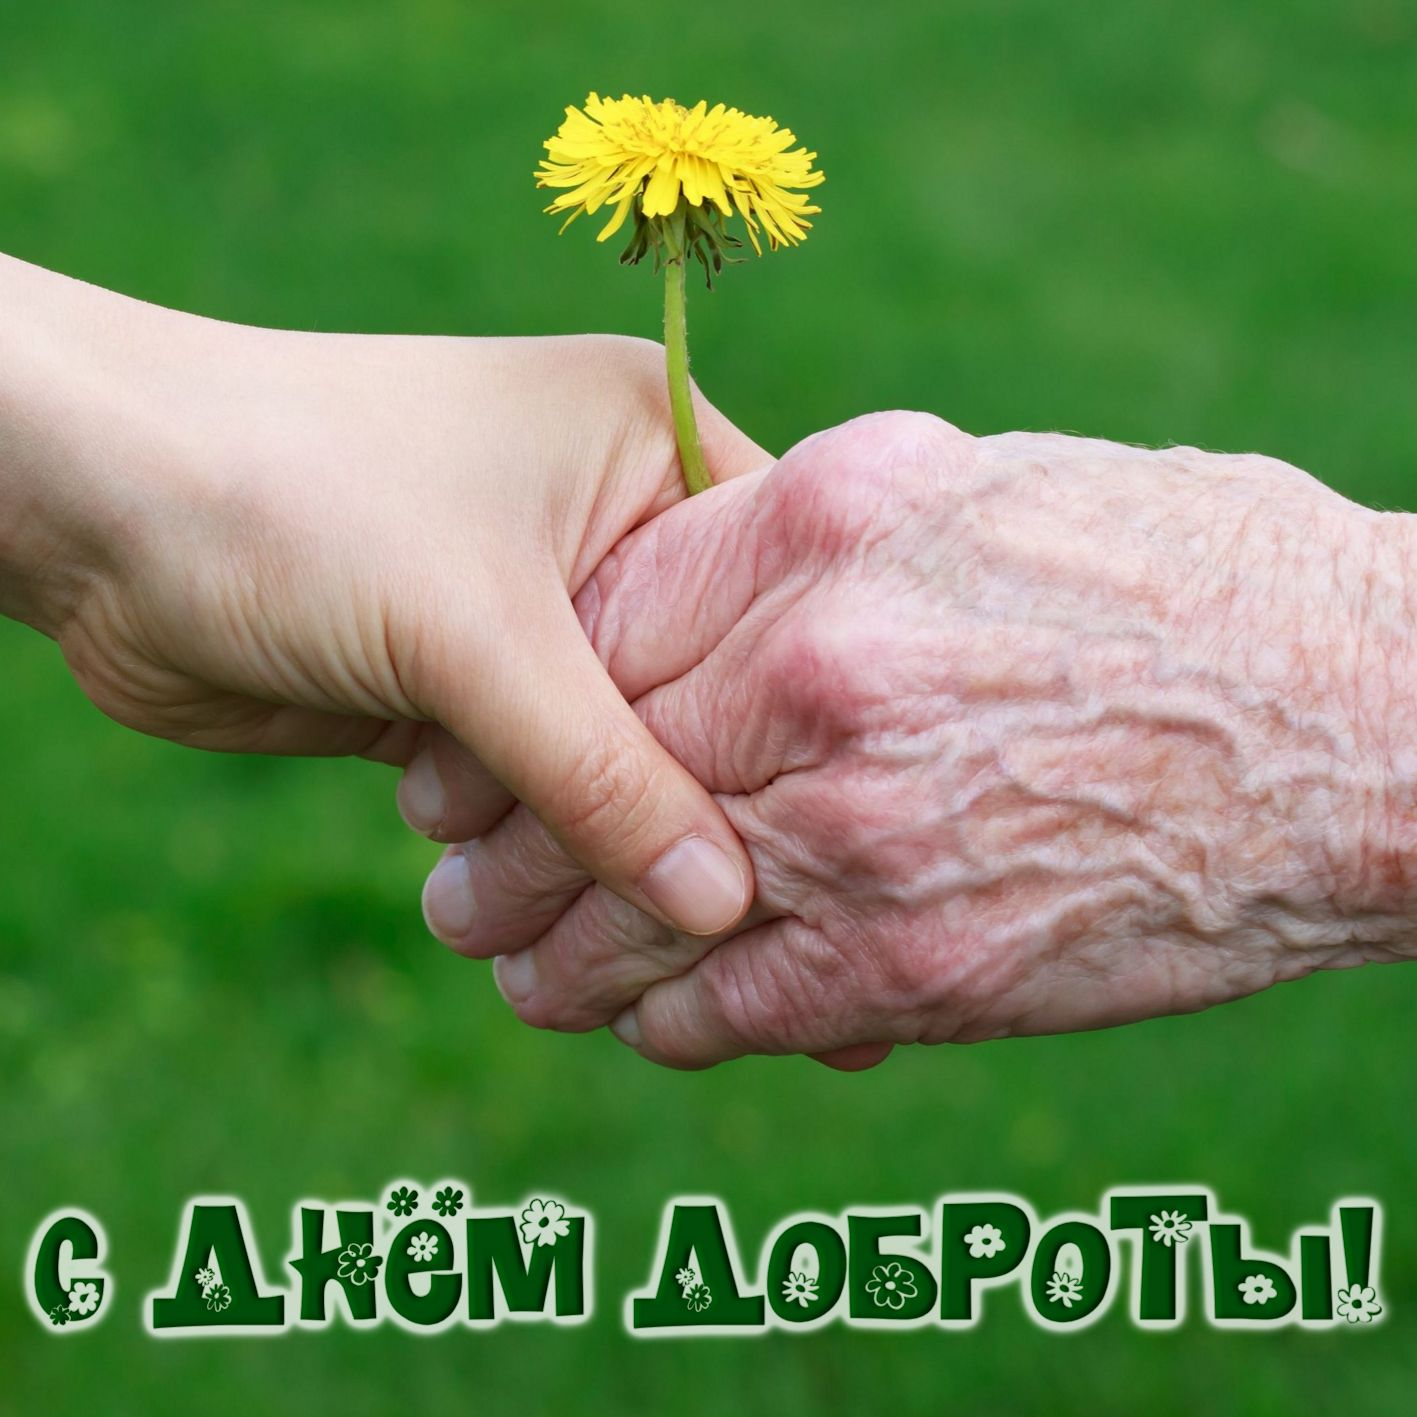 Открытка на День доброты - две руки с одуванчиком на зеленом фоне